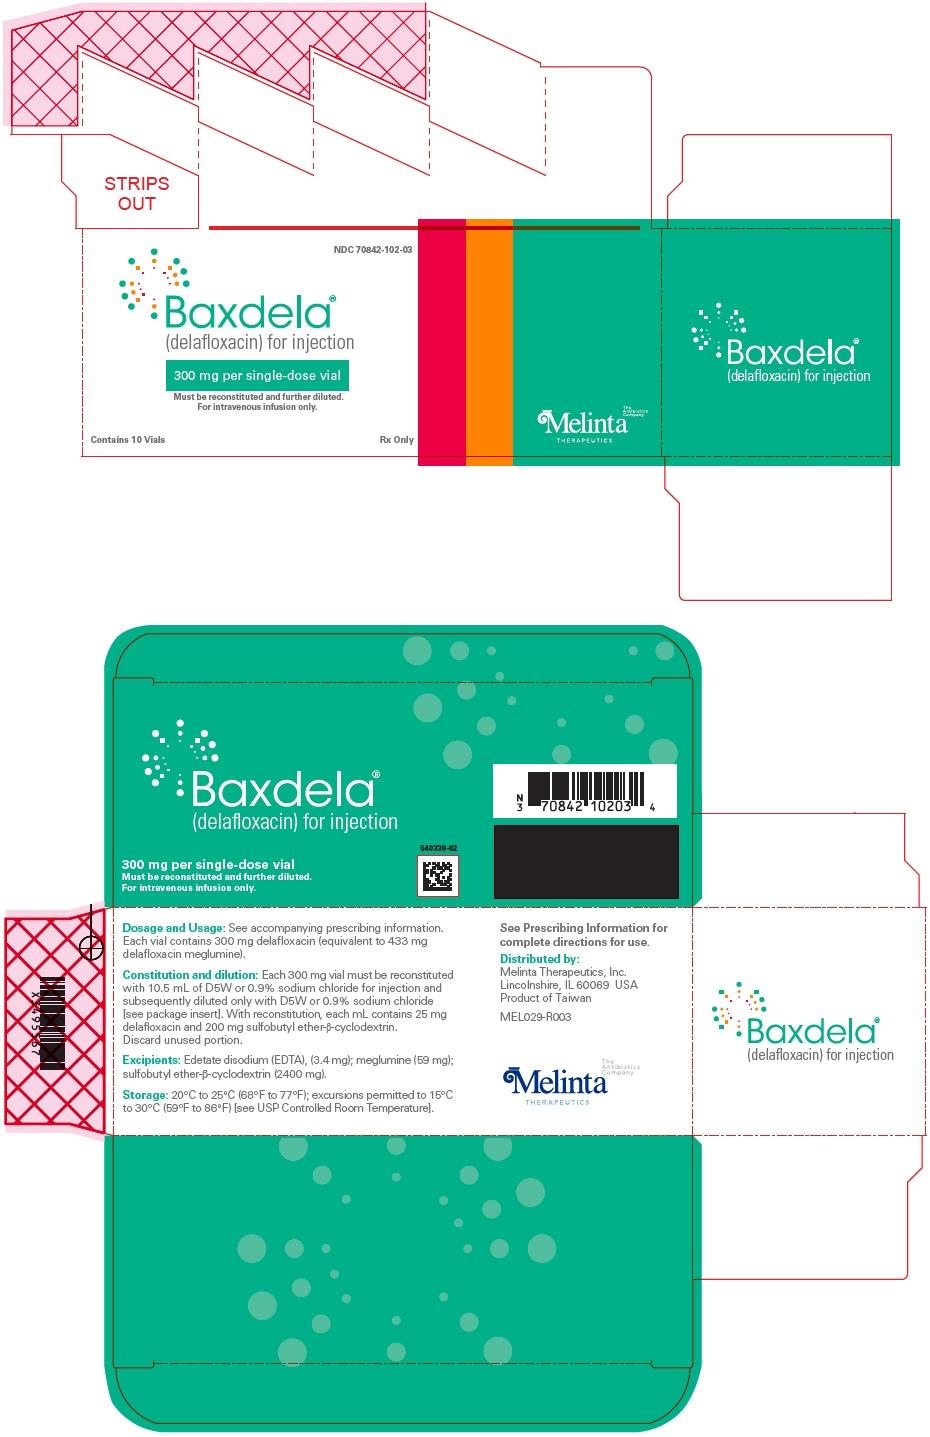 PRINCIPAL DISPLAY PANEL - 300 mg Vial Carton